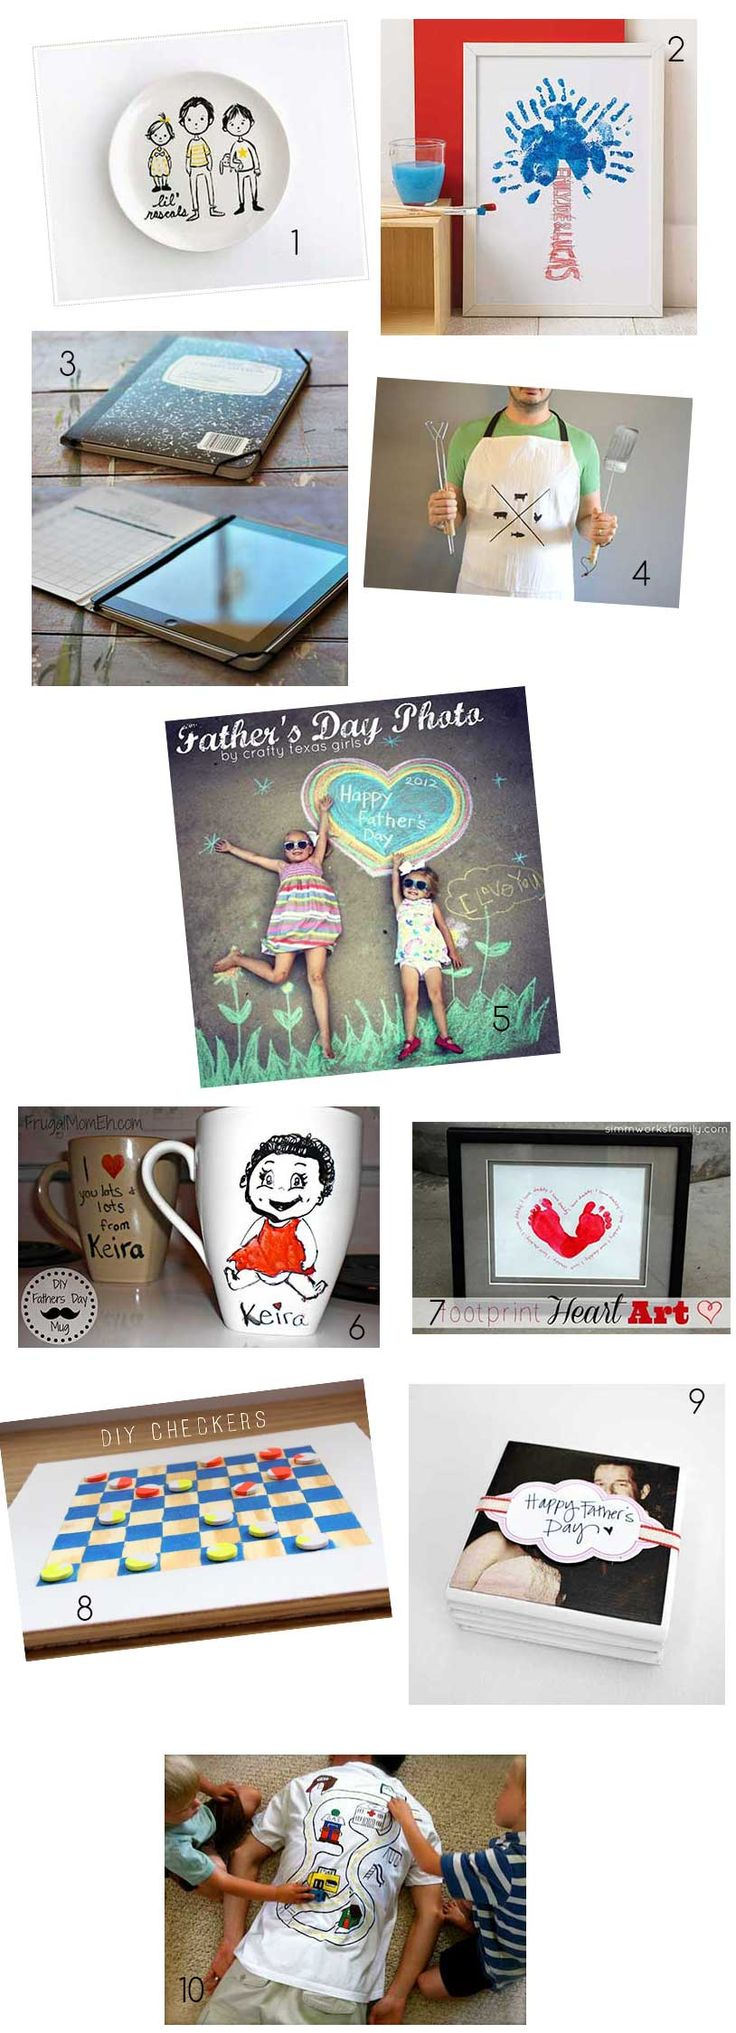 δωρα για τη γιορτη του πατερα - Great Fathers's Day Gift Ideas